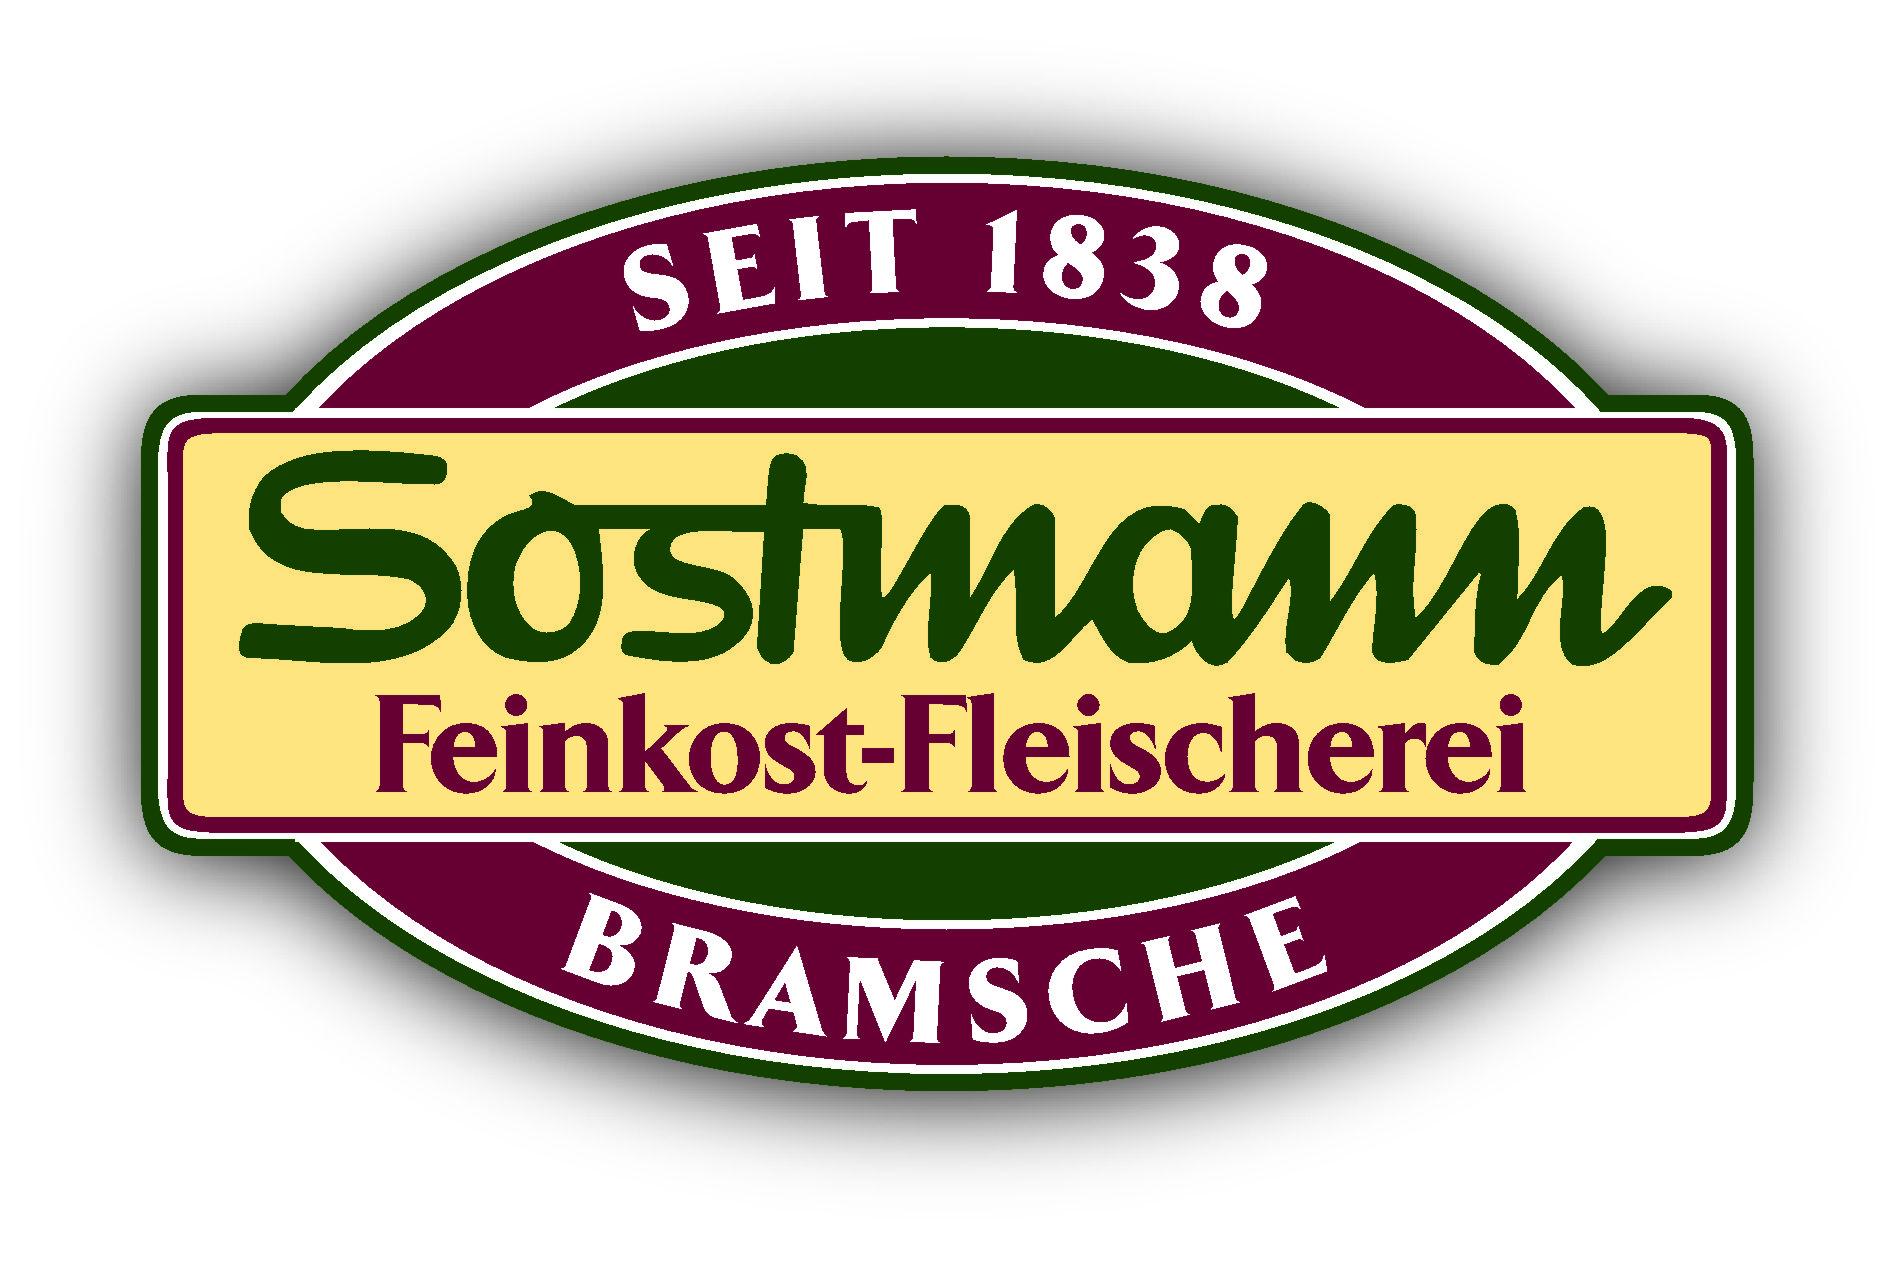 Sostmann Feinkostfleischerei GmbH & Co. KG